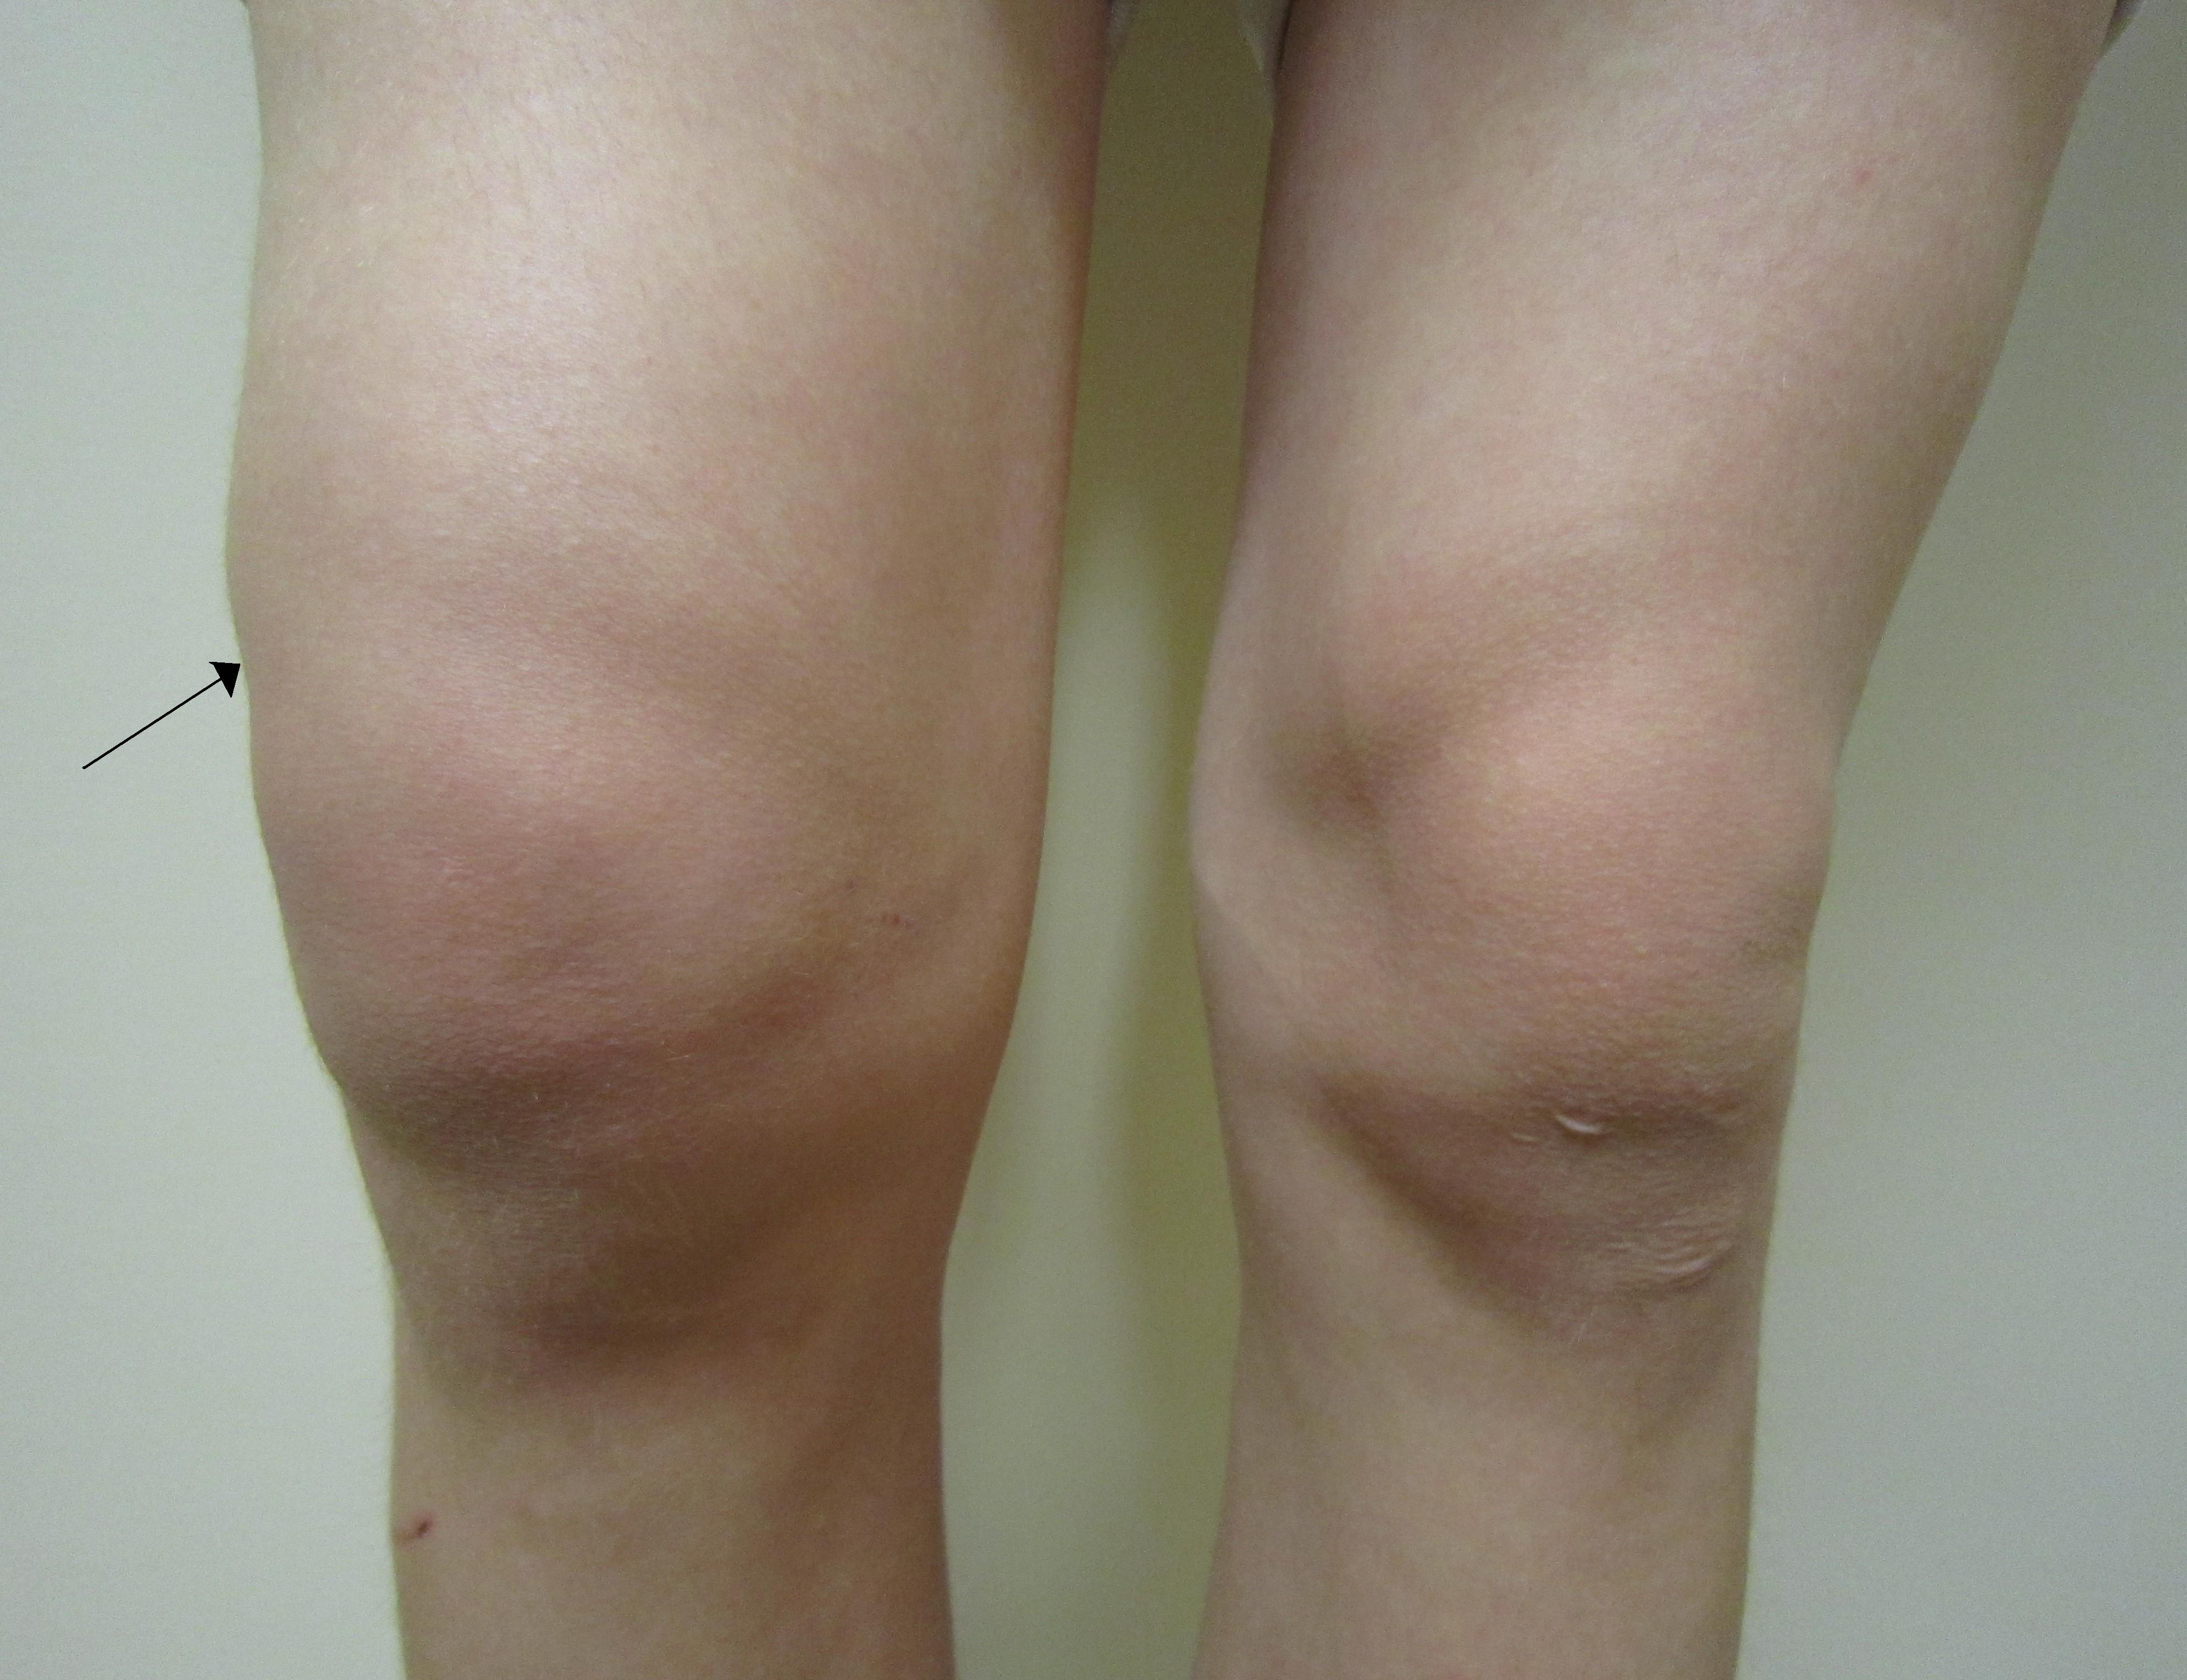 Swollen knee